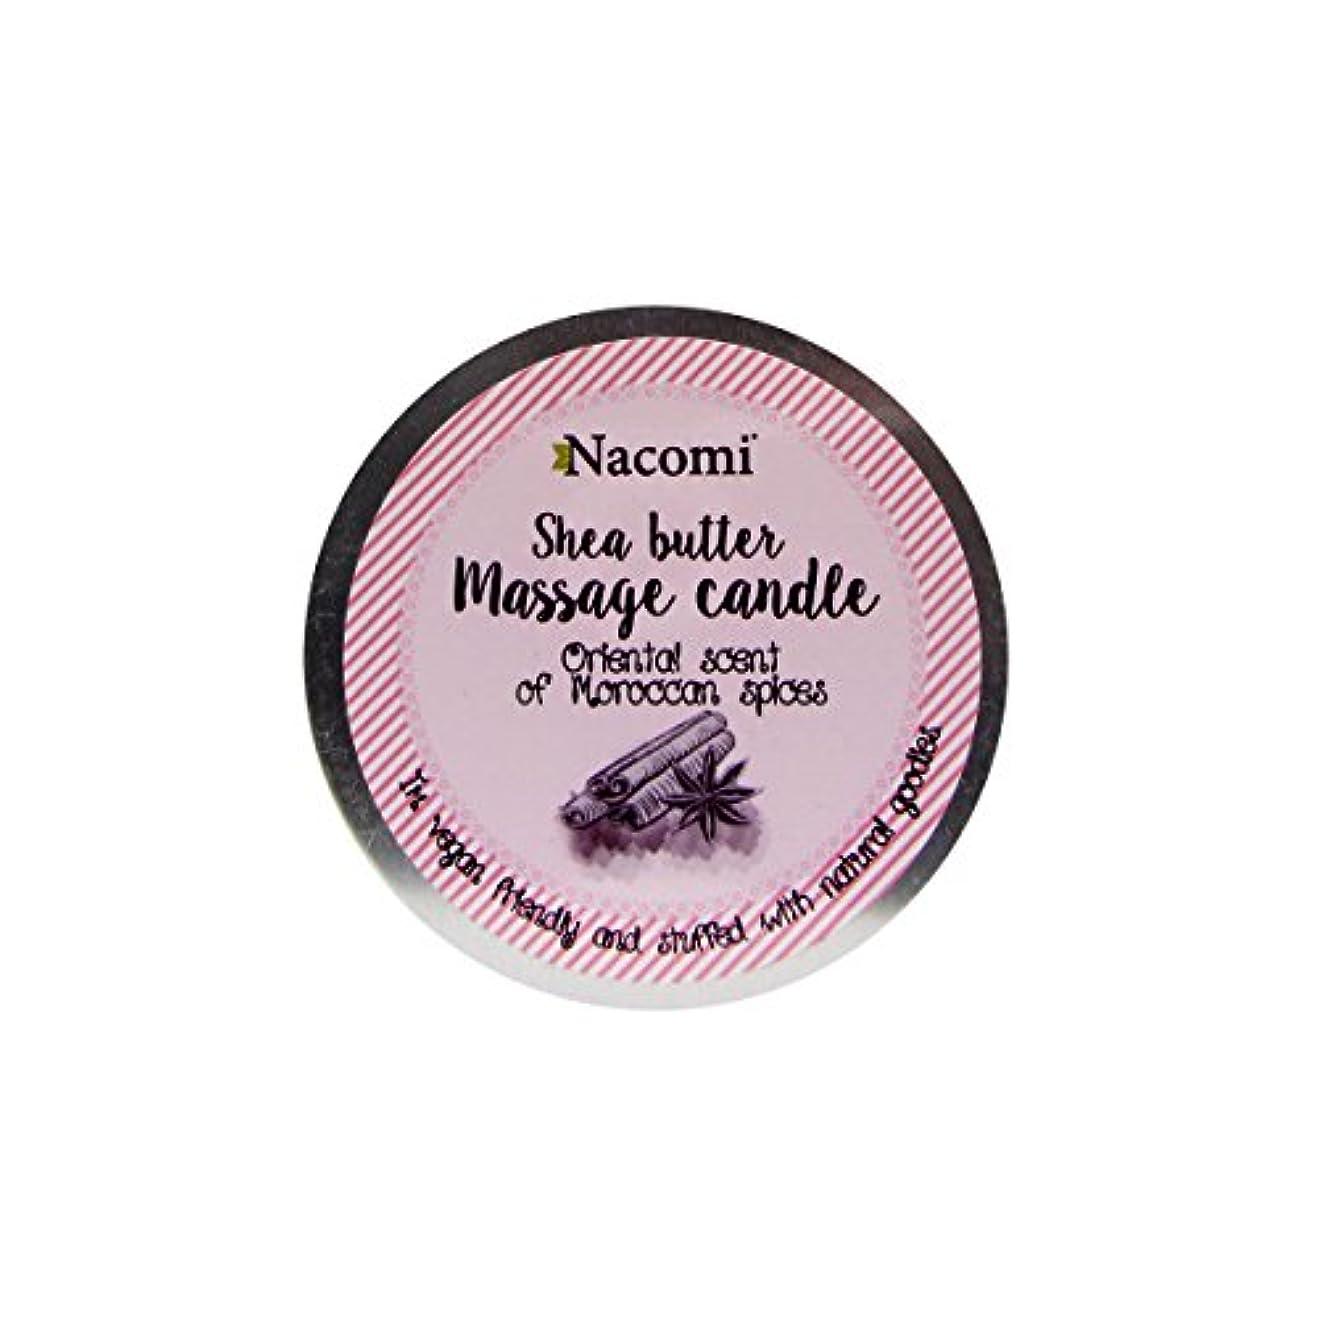 マウス生命体歌詞Nacomi Shea Butter Massage Candle Oriental Scent Of Moroccan Spices 150g [並行輸入品]